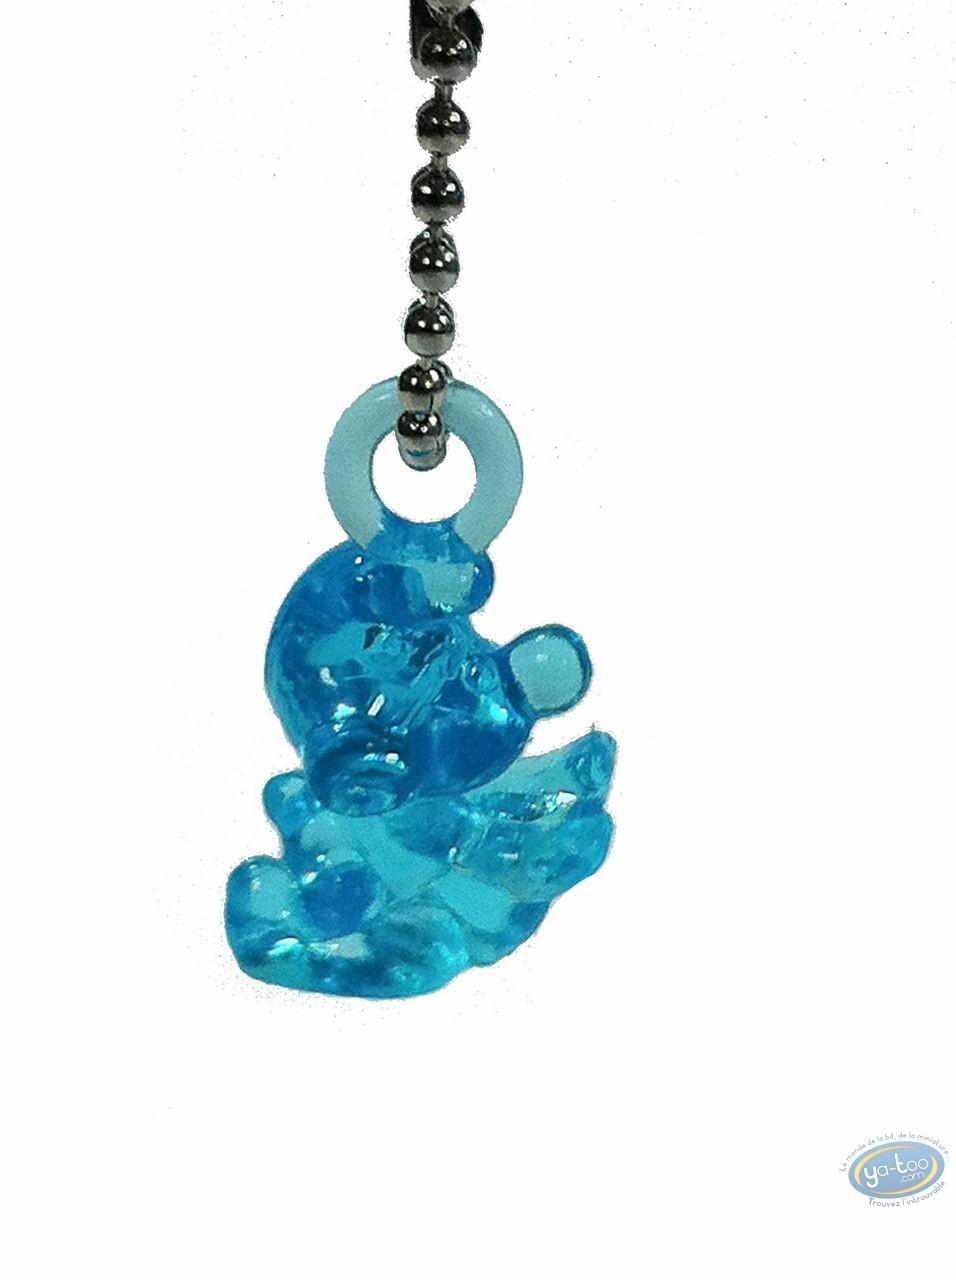 PVC Keyring, Smurfs (The) : Smurfs translucide blue